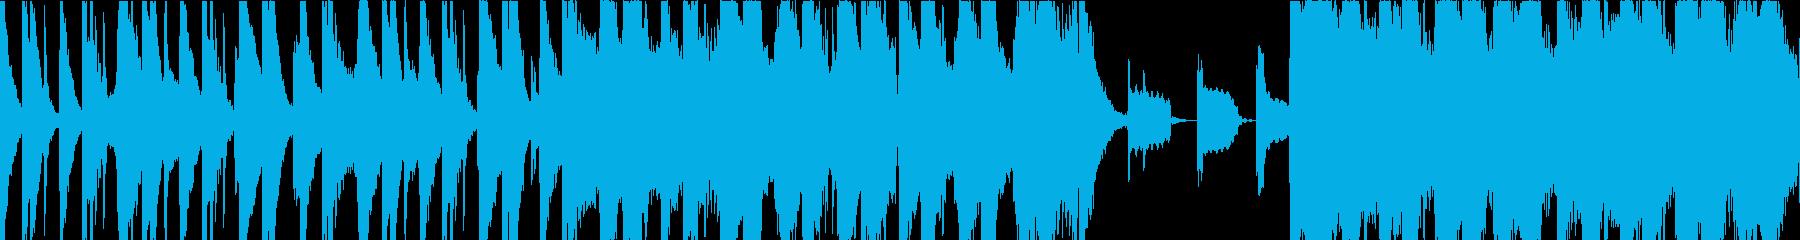 自然の厳しさを太鼓と尺八での再生済みの波形